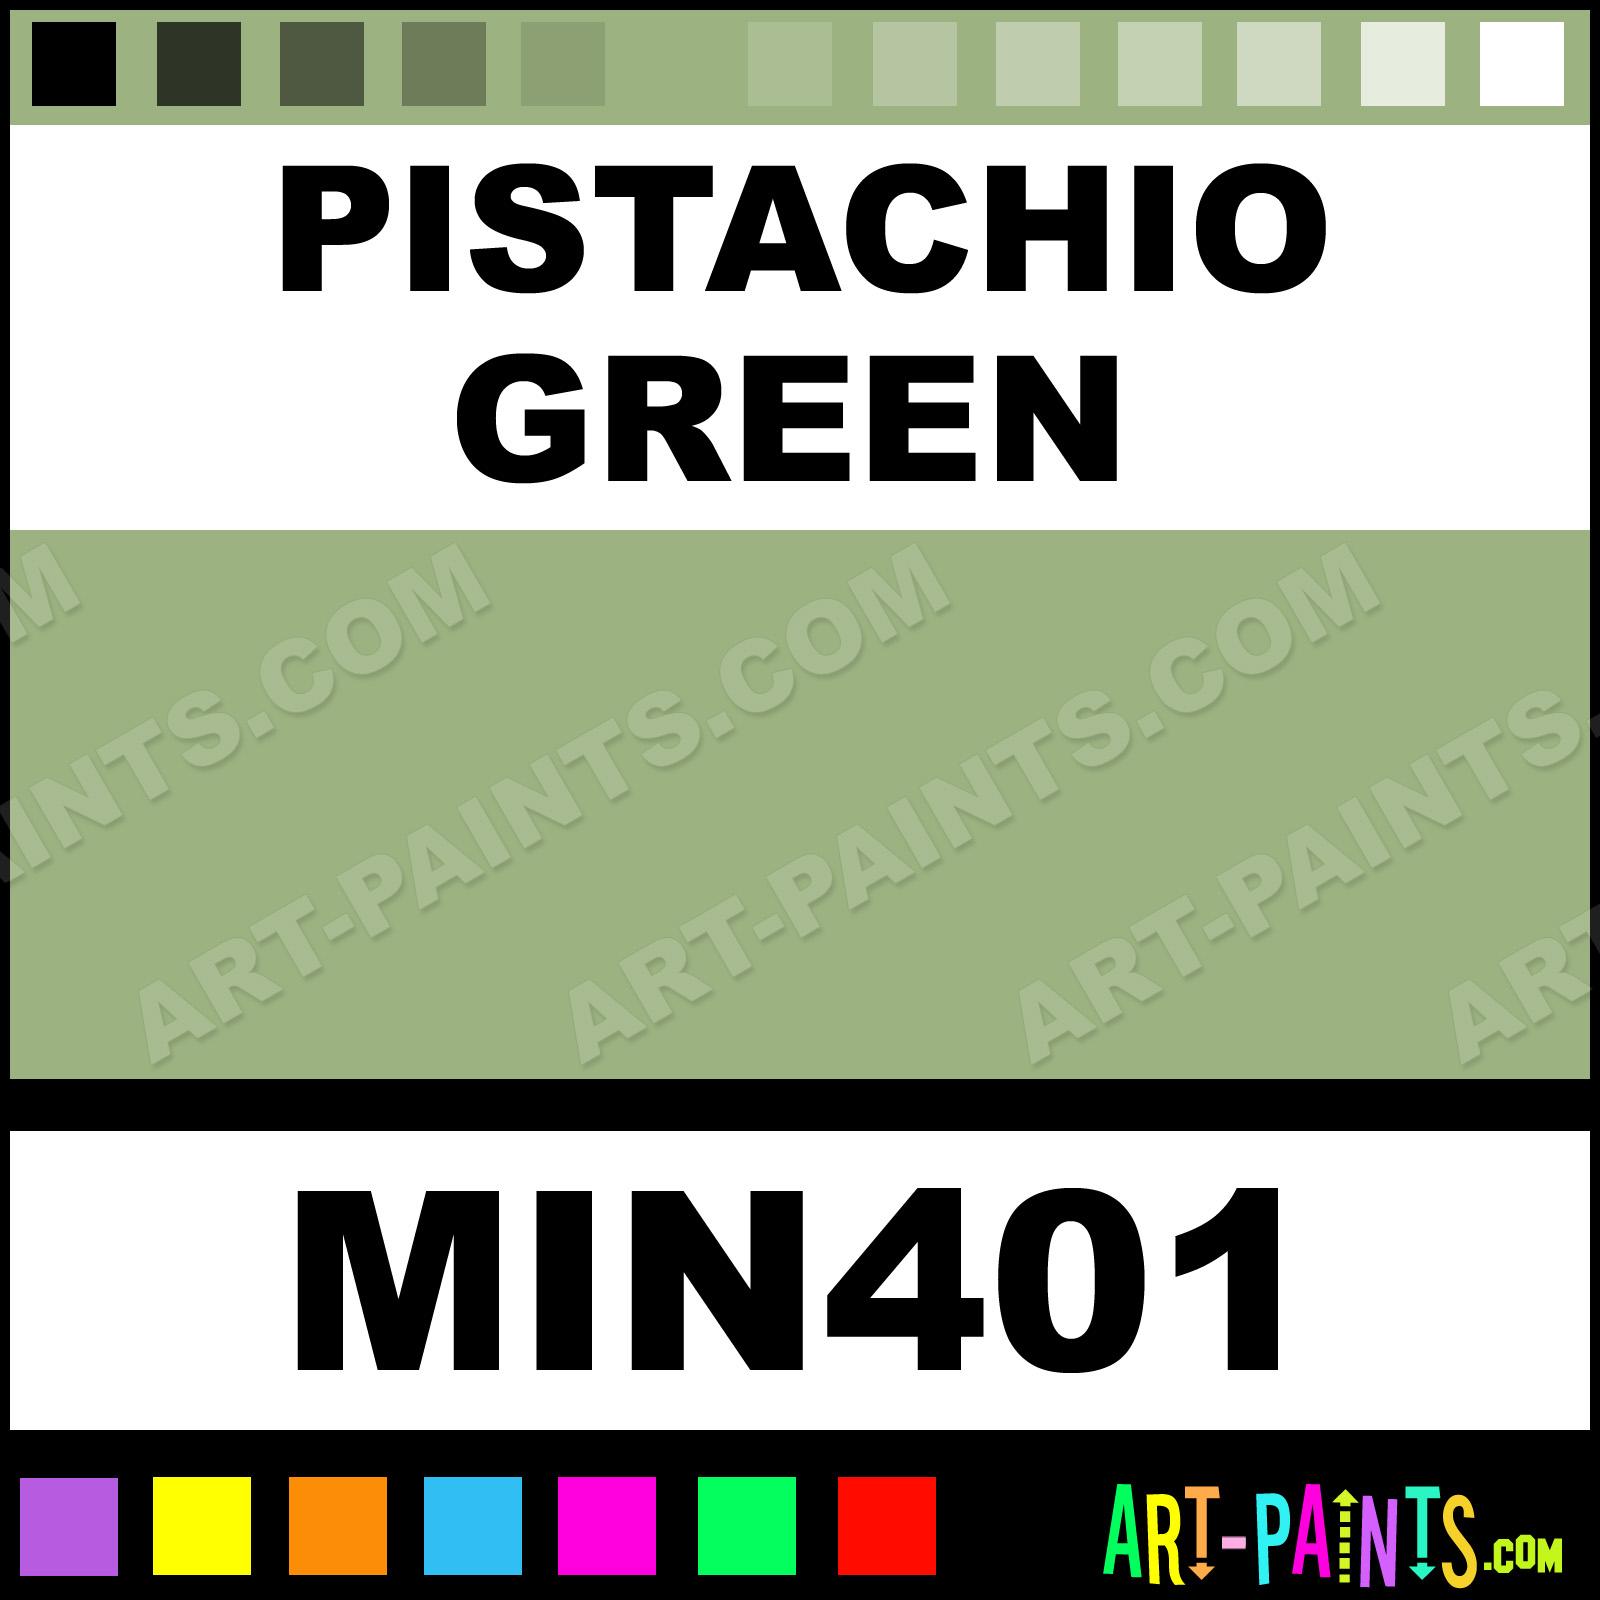 Pistachio Green Powder Casein Milk Paints Min401 Paint Color Earth Pigments 9cb281 Art